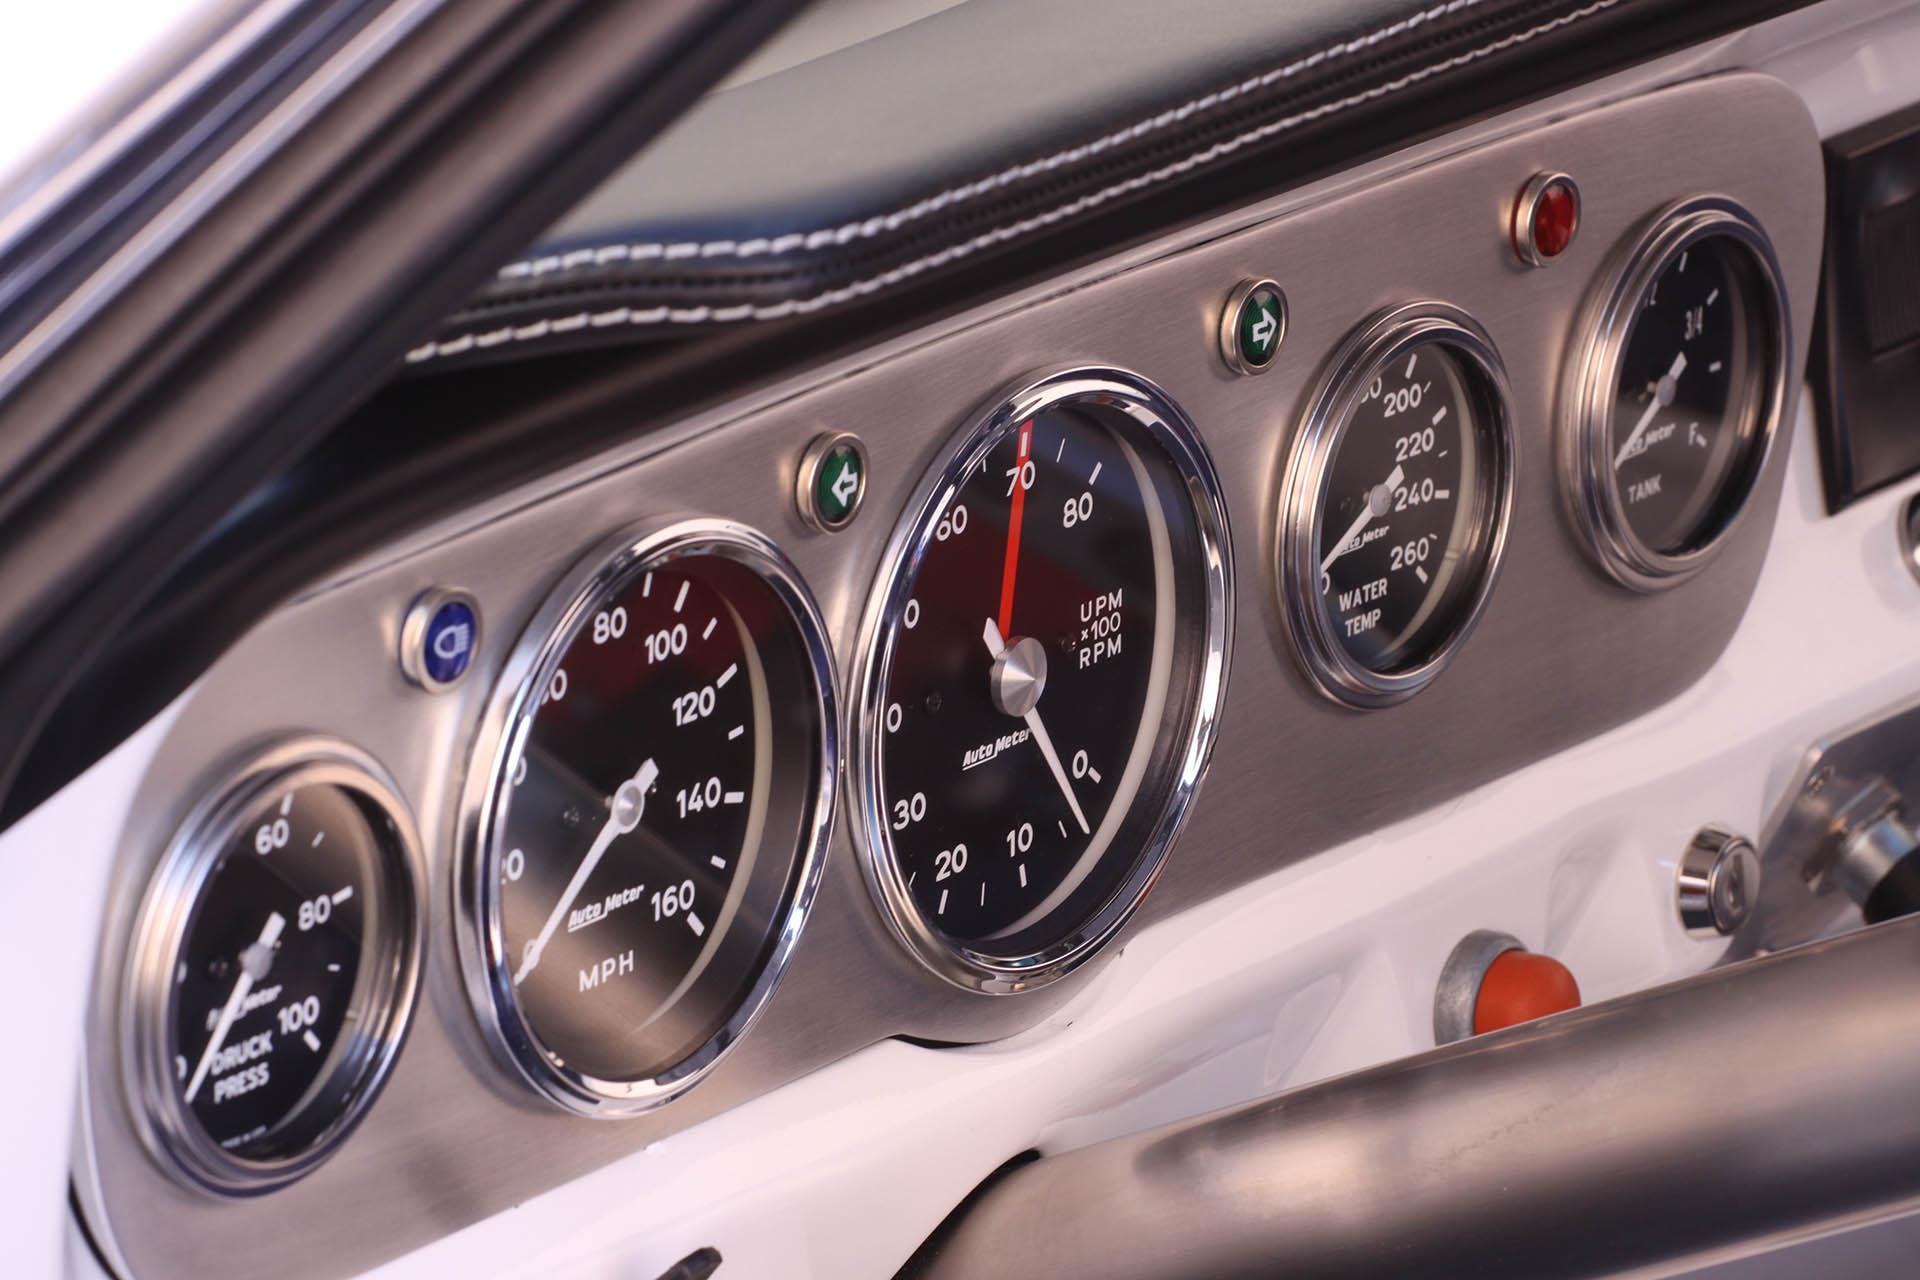 Classic mustang gauge cluster